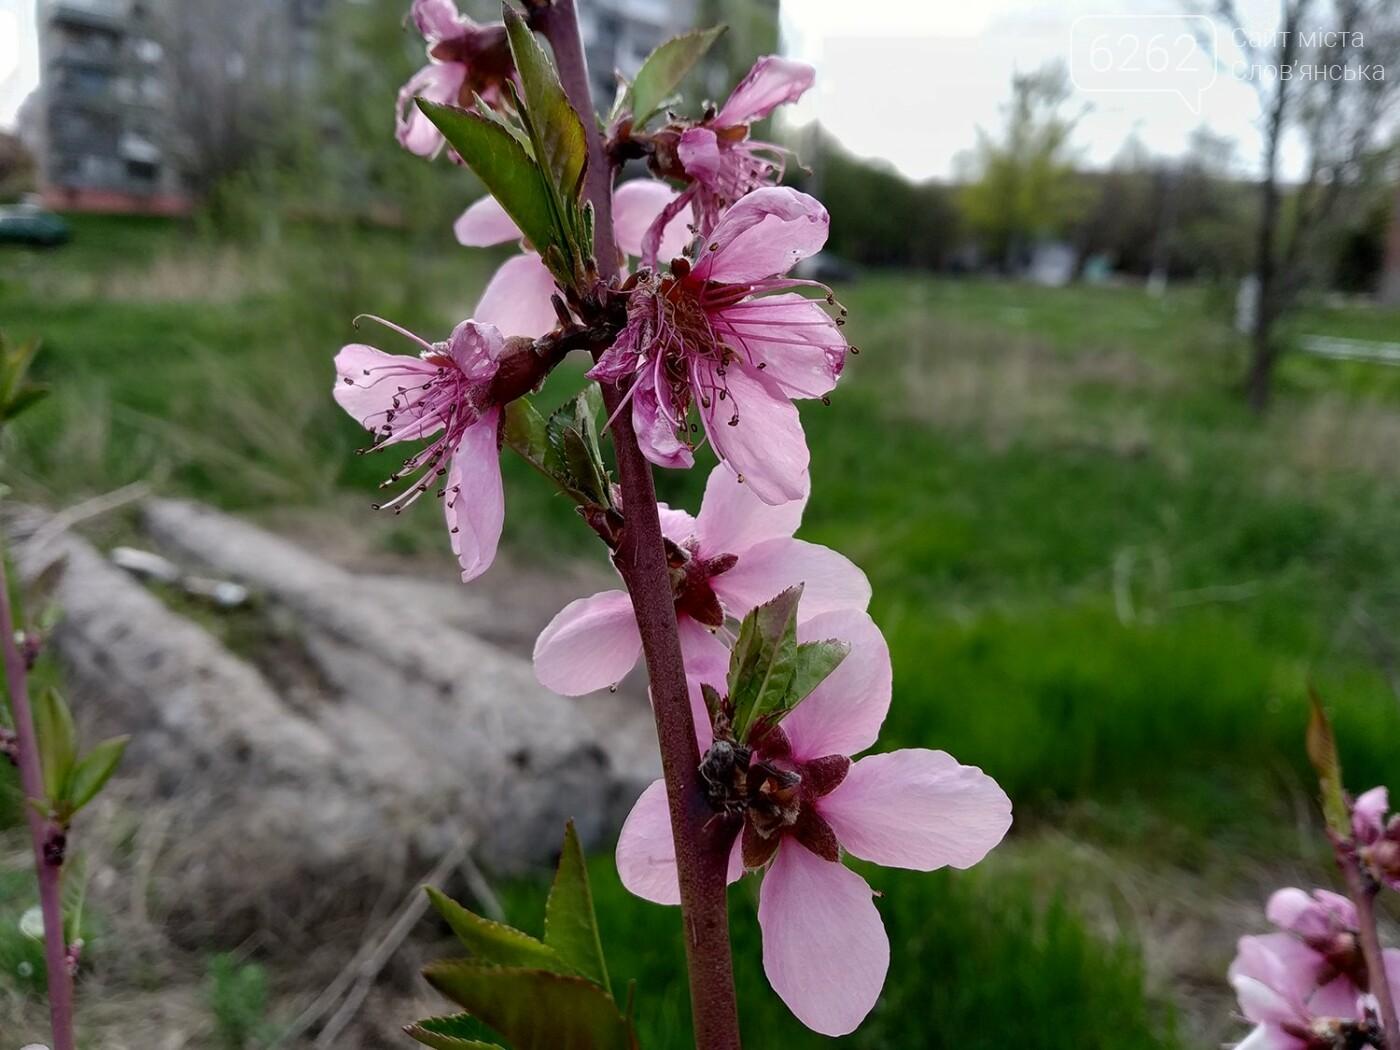 Весна дихає в обличчя: фотопрогулянка мікрорайоном Лісний у Слов'янську, фото-13